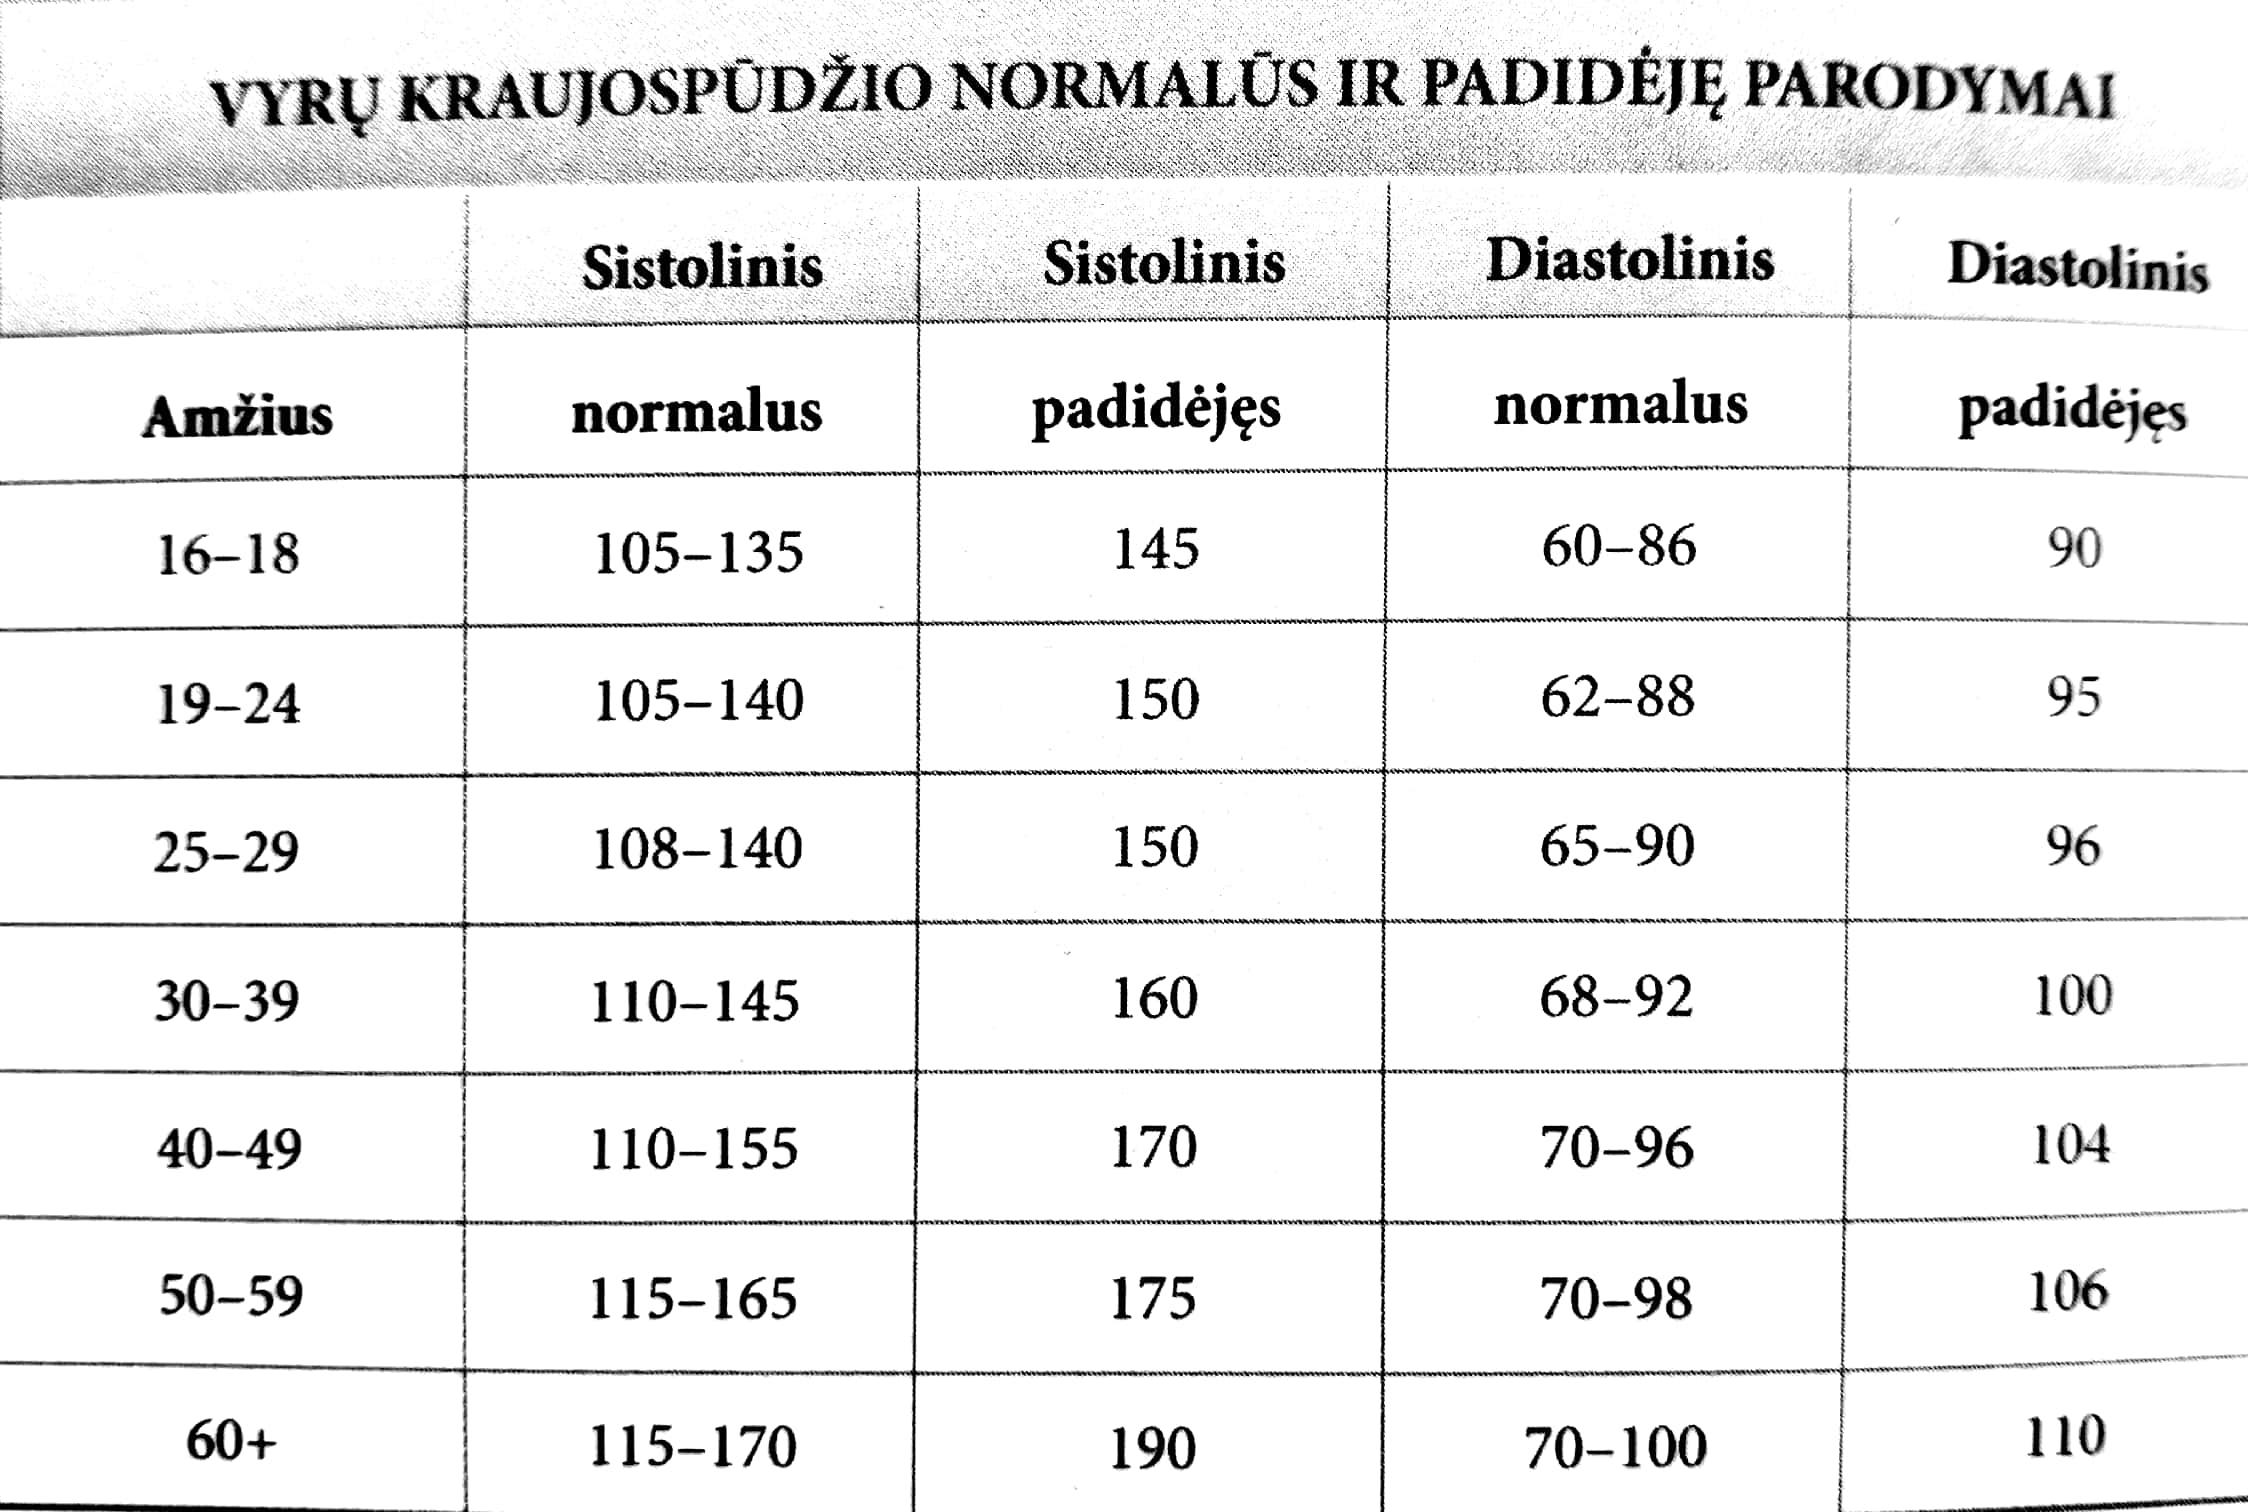 širdies sveikatos dieta ir kraujospūdis)